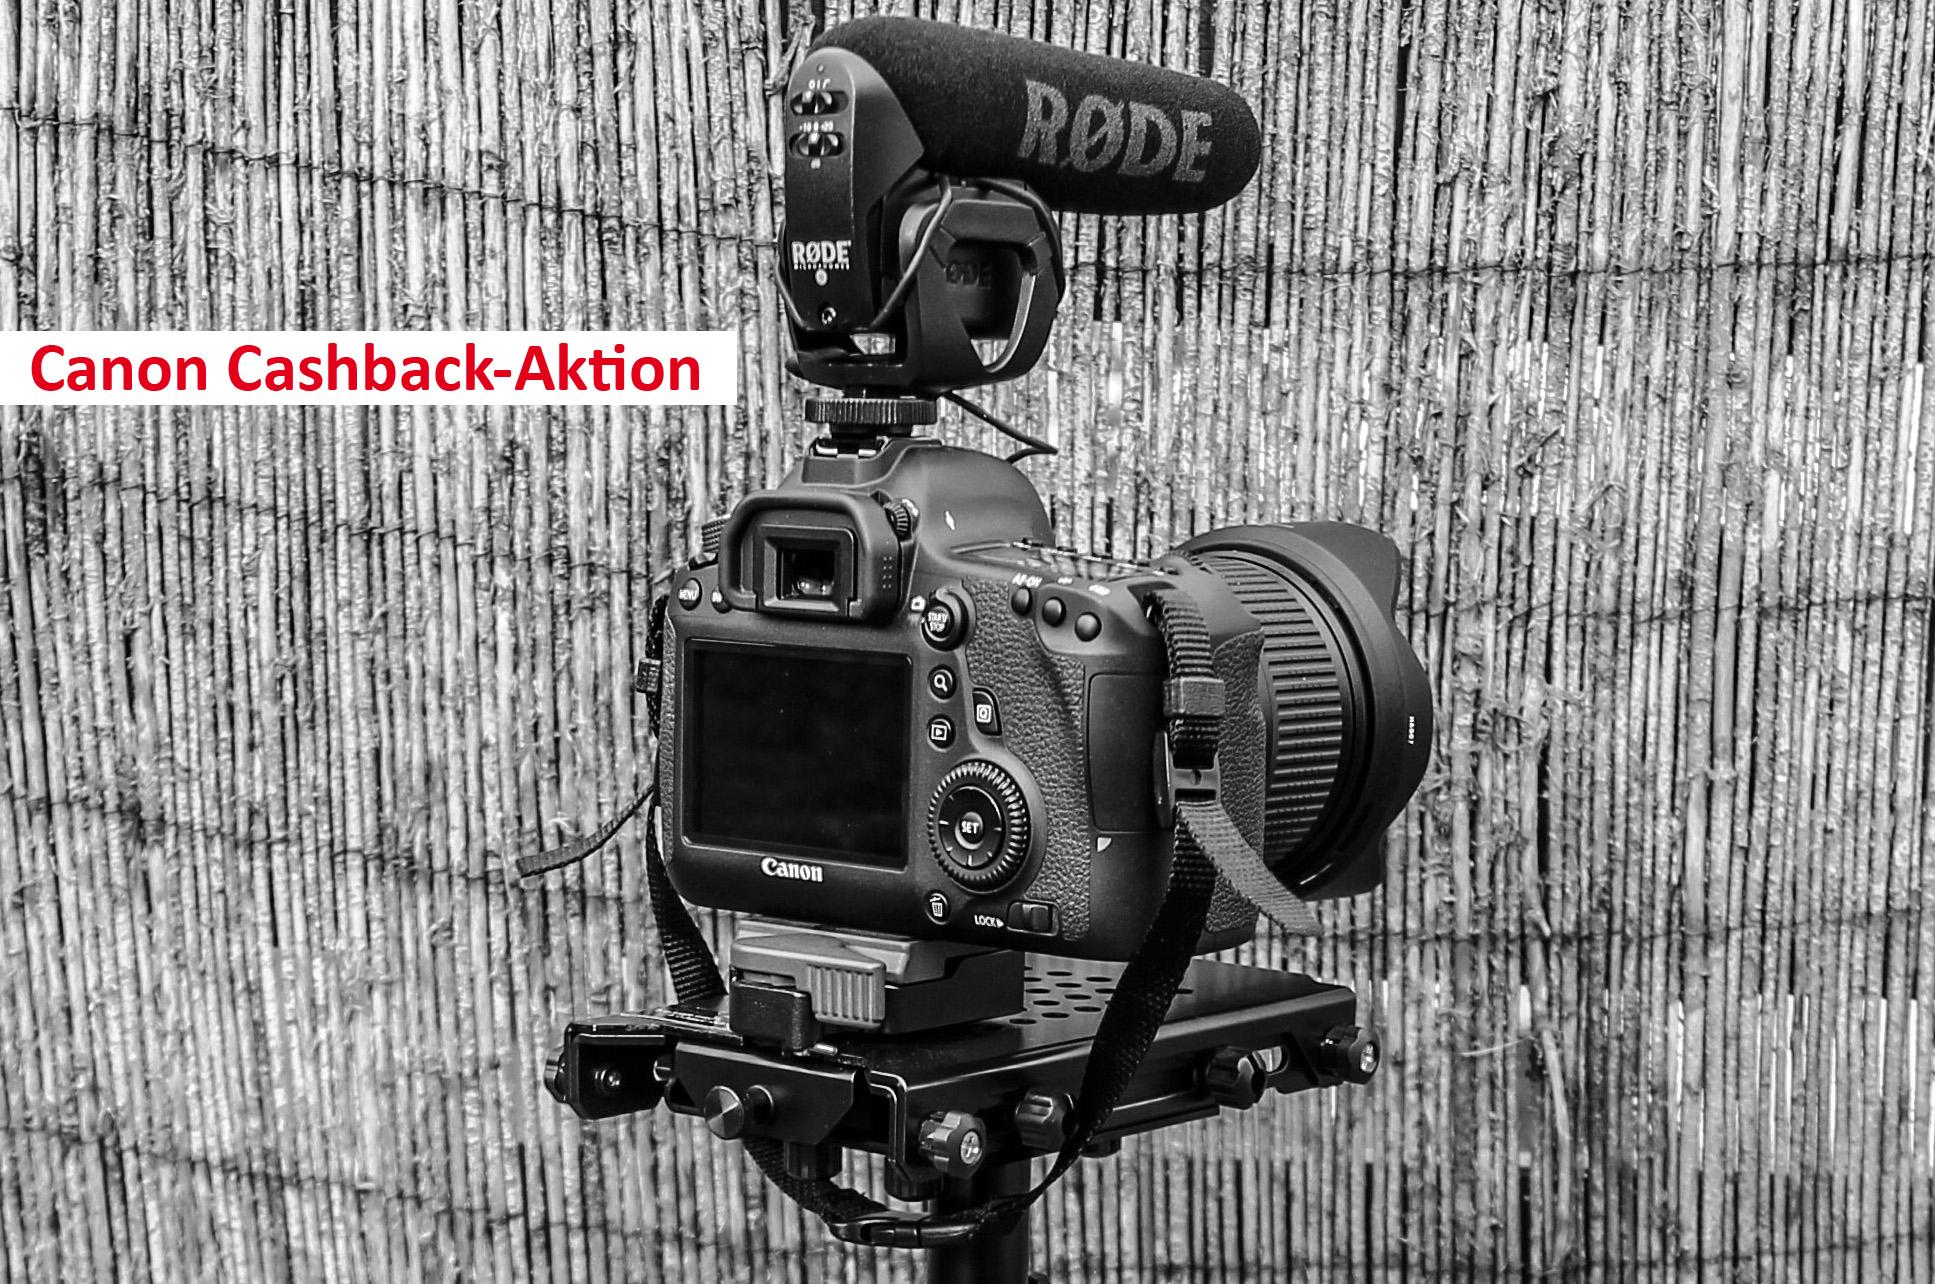 Cashback von Canon für Kameras, Objektive und Blitze